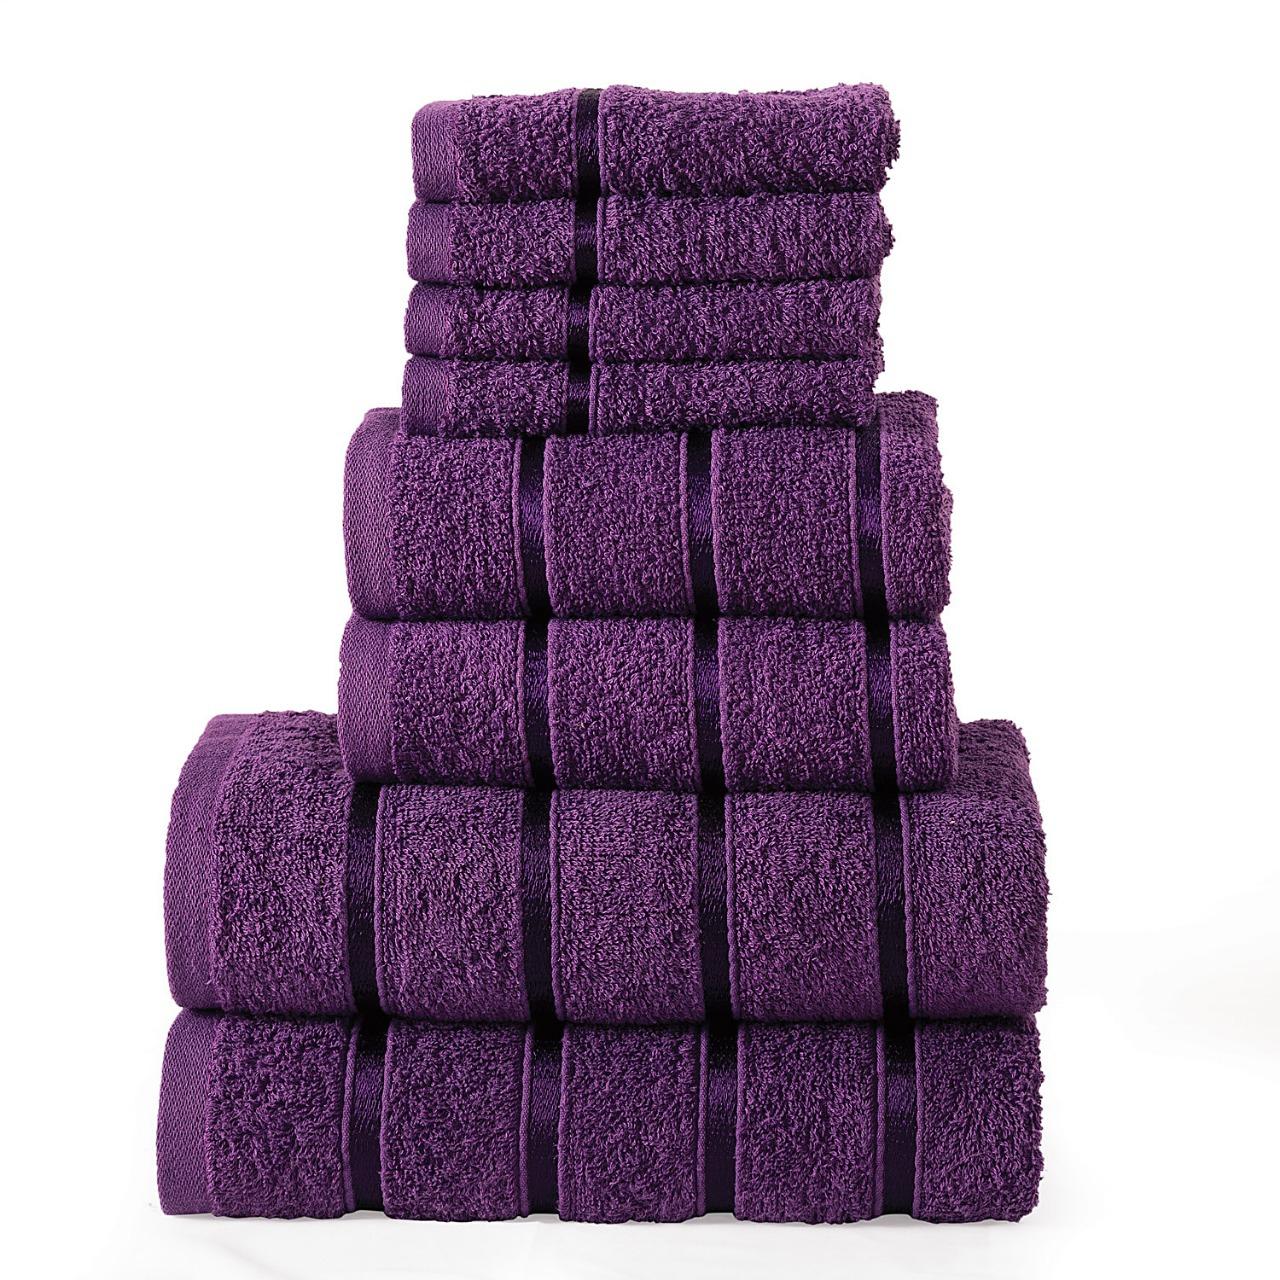 8 Pcs 100% Cotton Purplepremium Bale Set Plain Towel